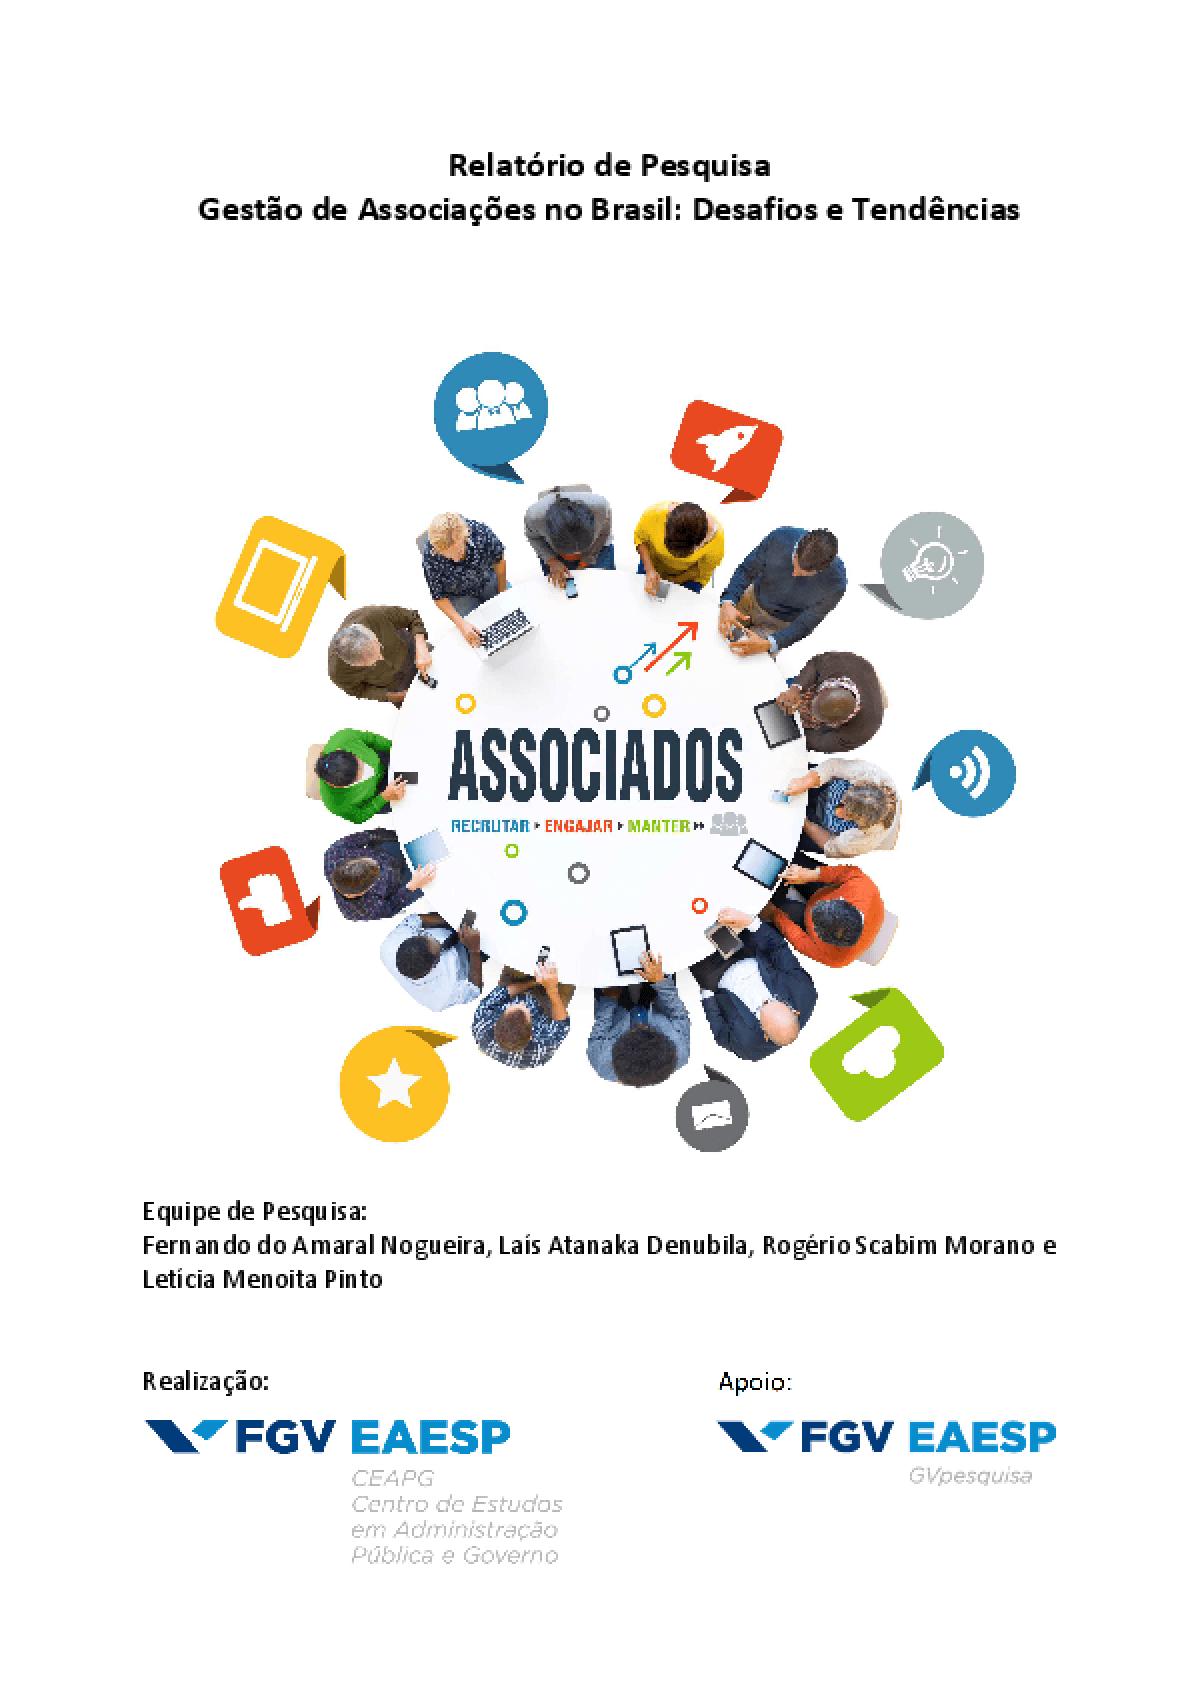 Gestão de Associações no Brasil: desafios e tendências